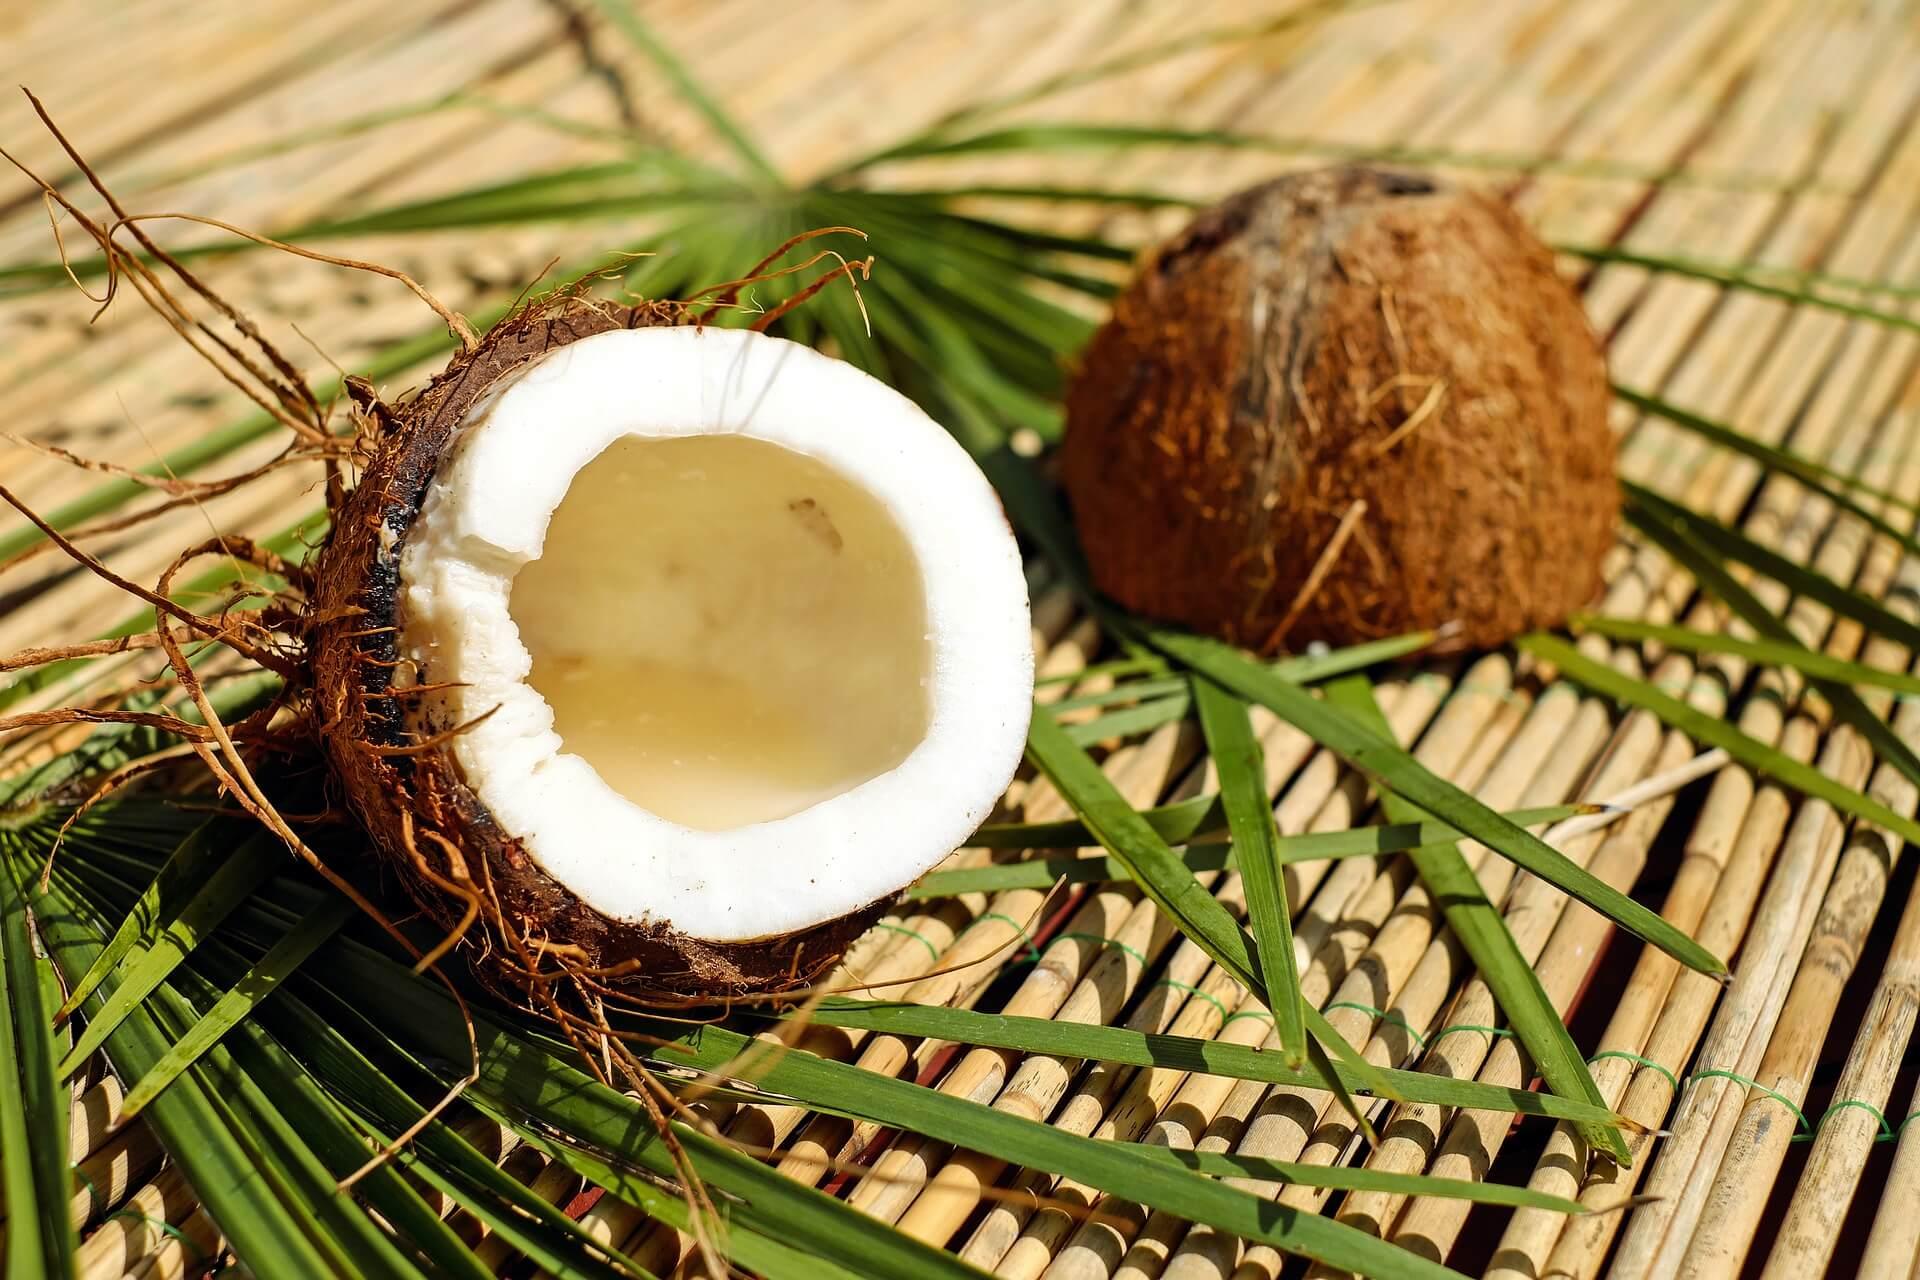 Coconut, Coconut milk, TropicsGourmet, Tropics, Recipe